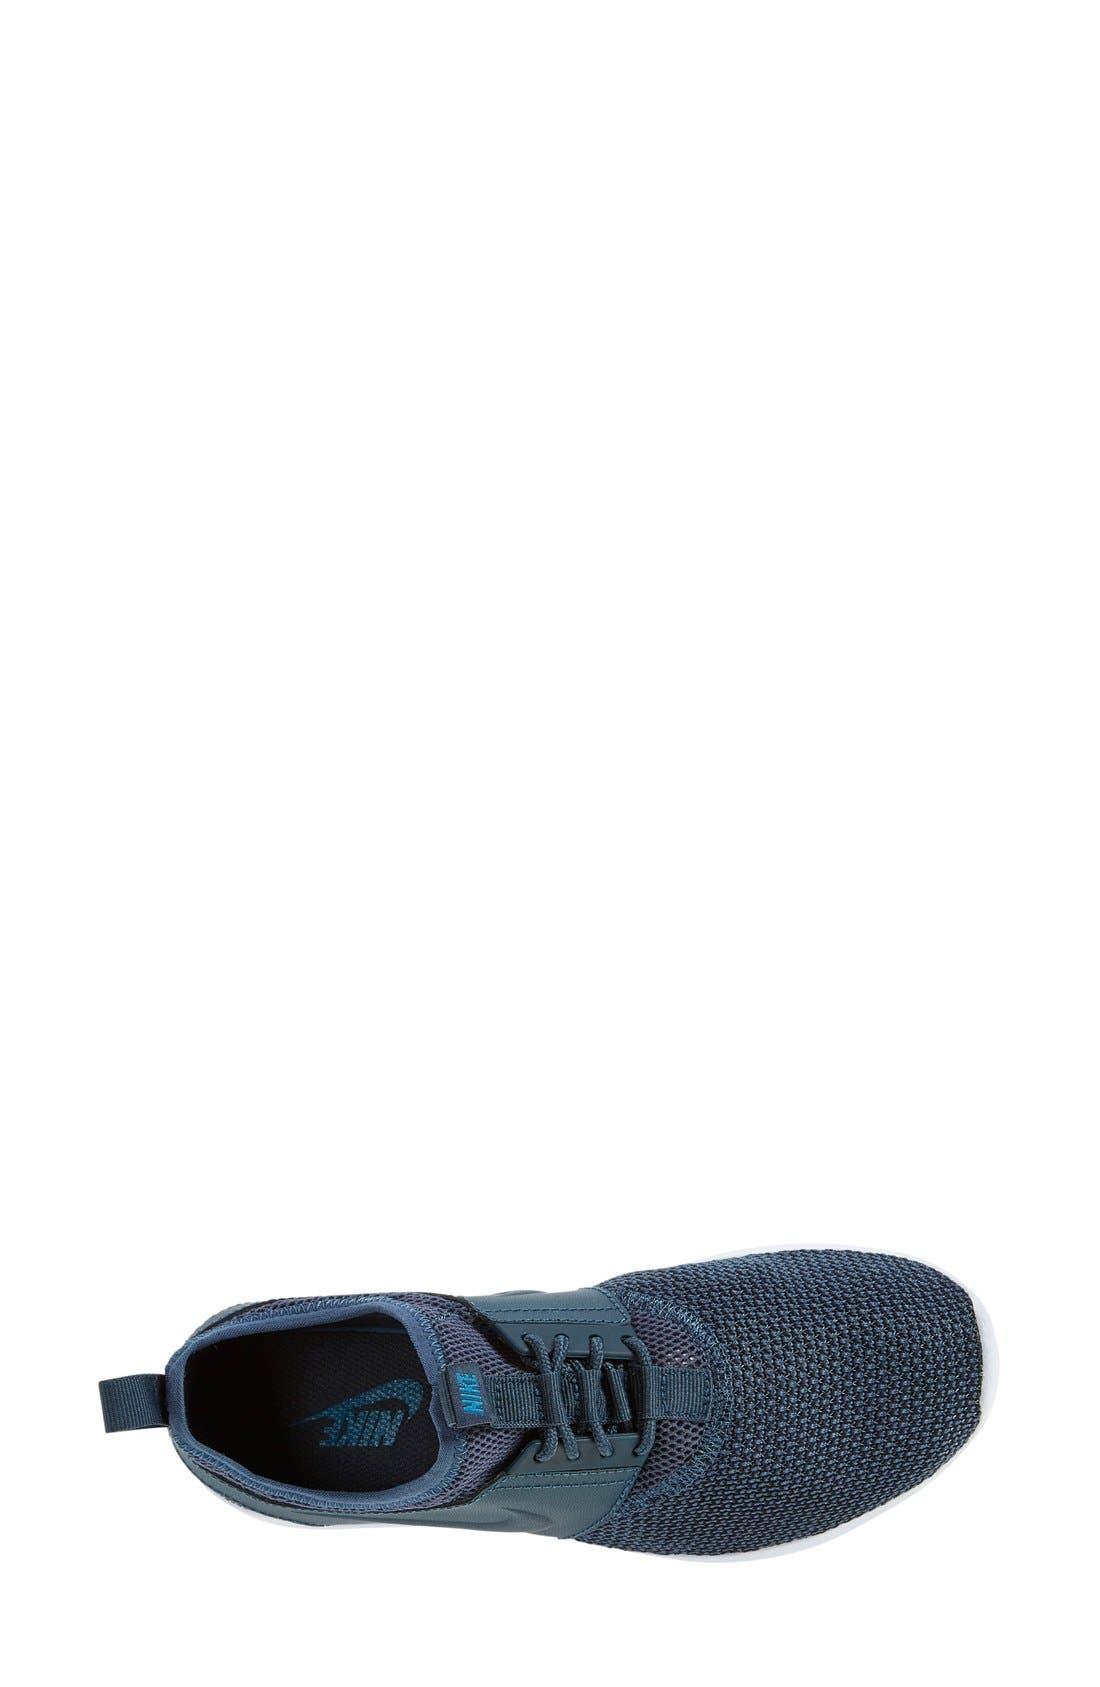 Alternate Image 3  - Nike 'Juvenate TXT'Sneaker (Women)